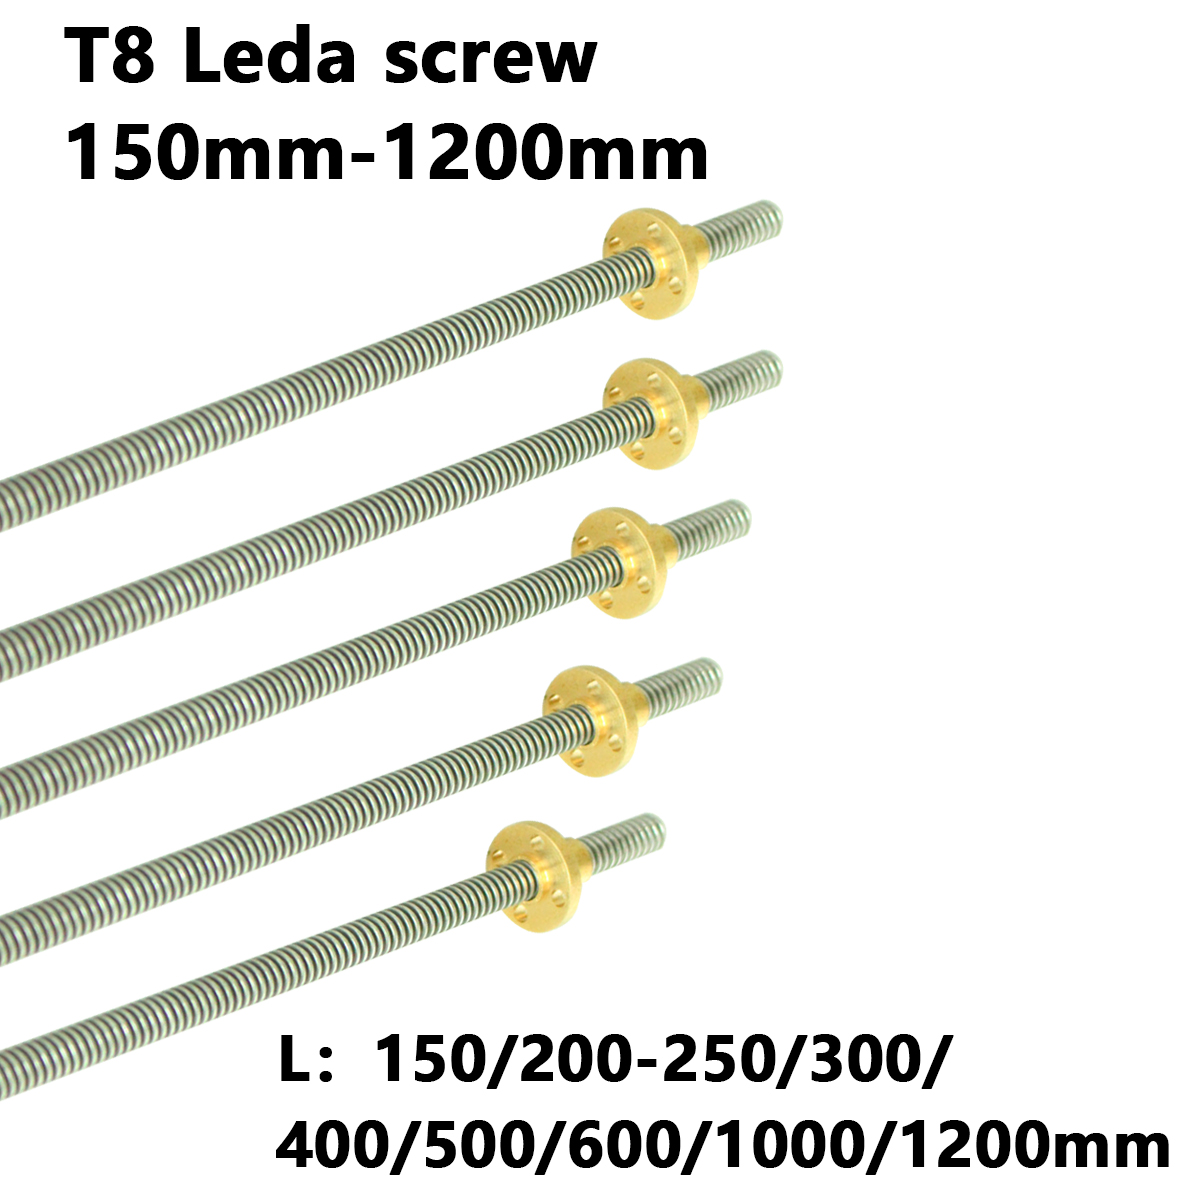 T8 Piombo Asta di Vite OD 8 millimetri Passo 2 millimetri di Piombo 2 millimetri 150 200 300 350 400 500 600 1000 1200 millimetri con Dado In Ottone Per CNC 3D Stampante